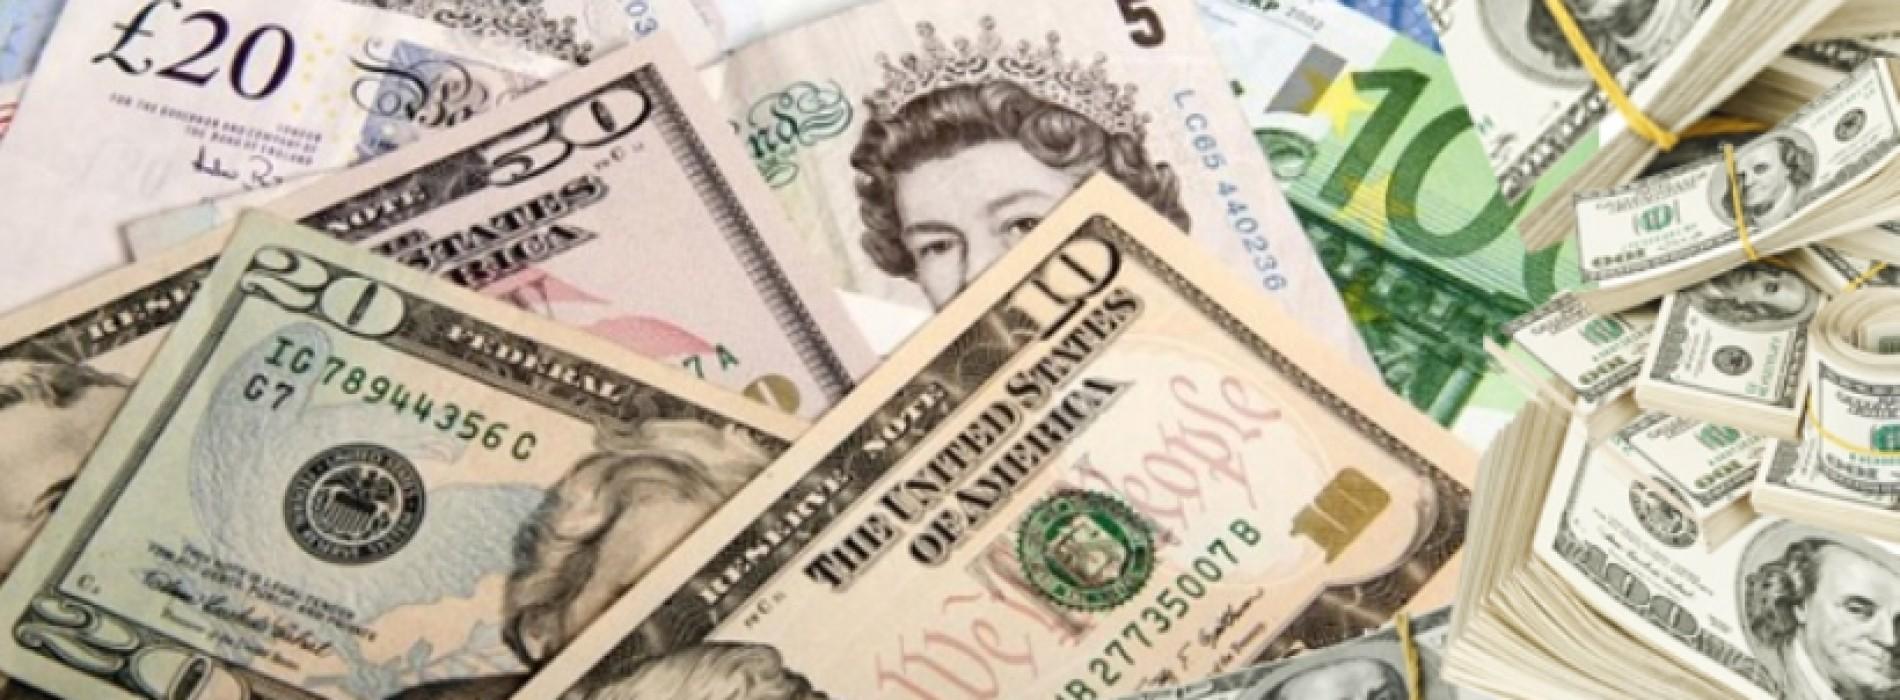 Dolar pao najniže u mjesec dana